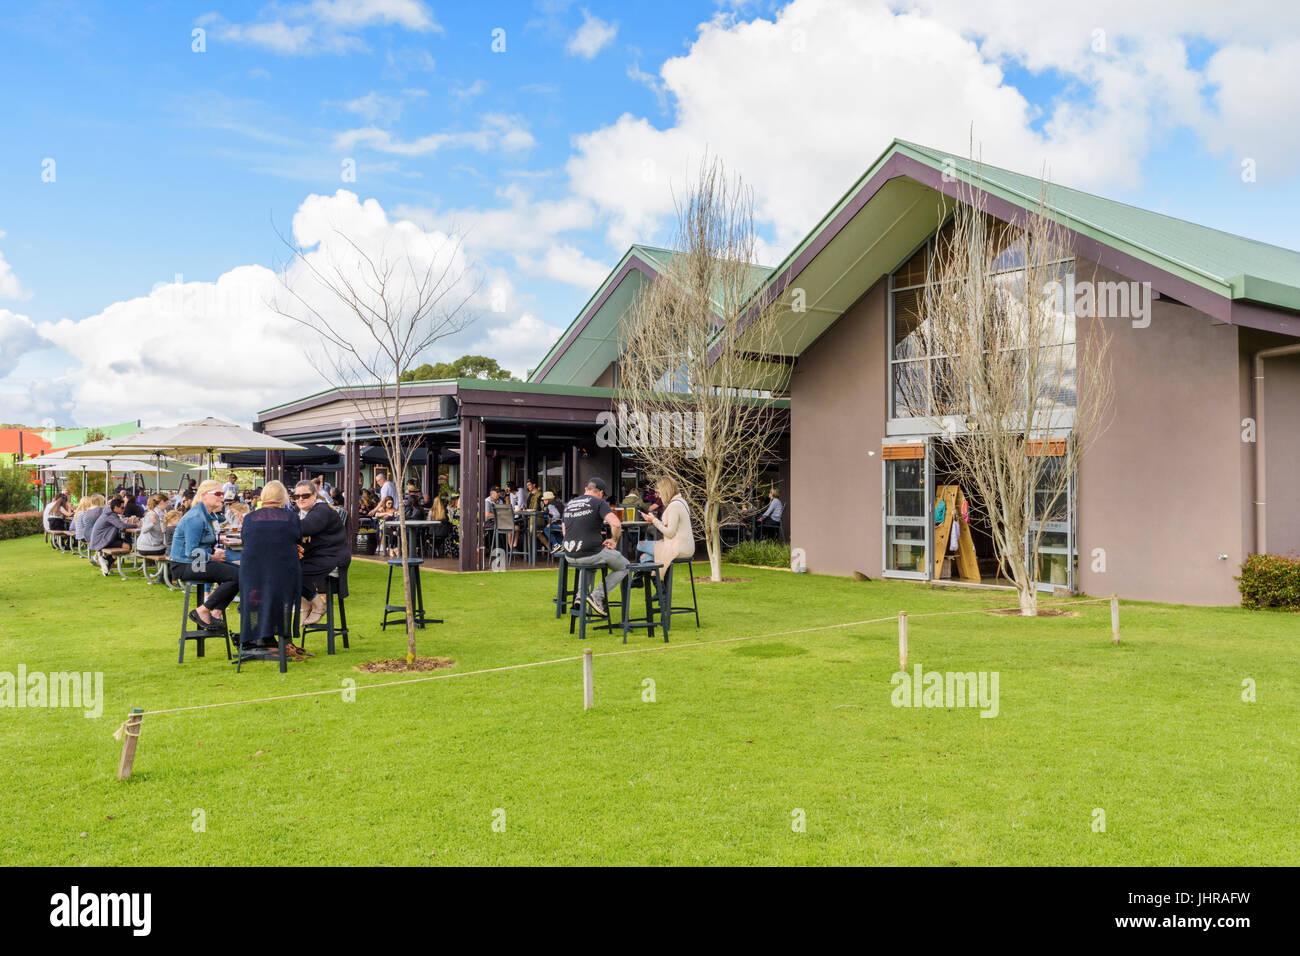 El jardín de la cerveza de la cervecería, Cheeky Monkey Wilyabrup, Australia Occidental Imagen De Stock